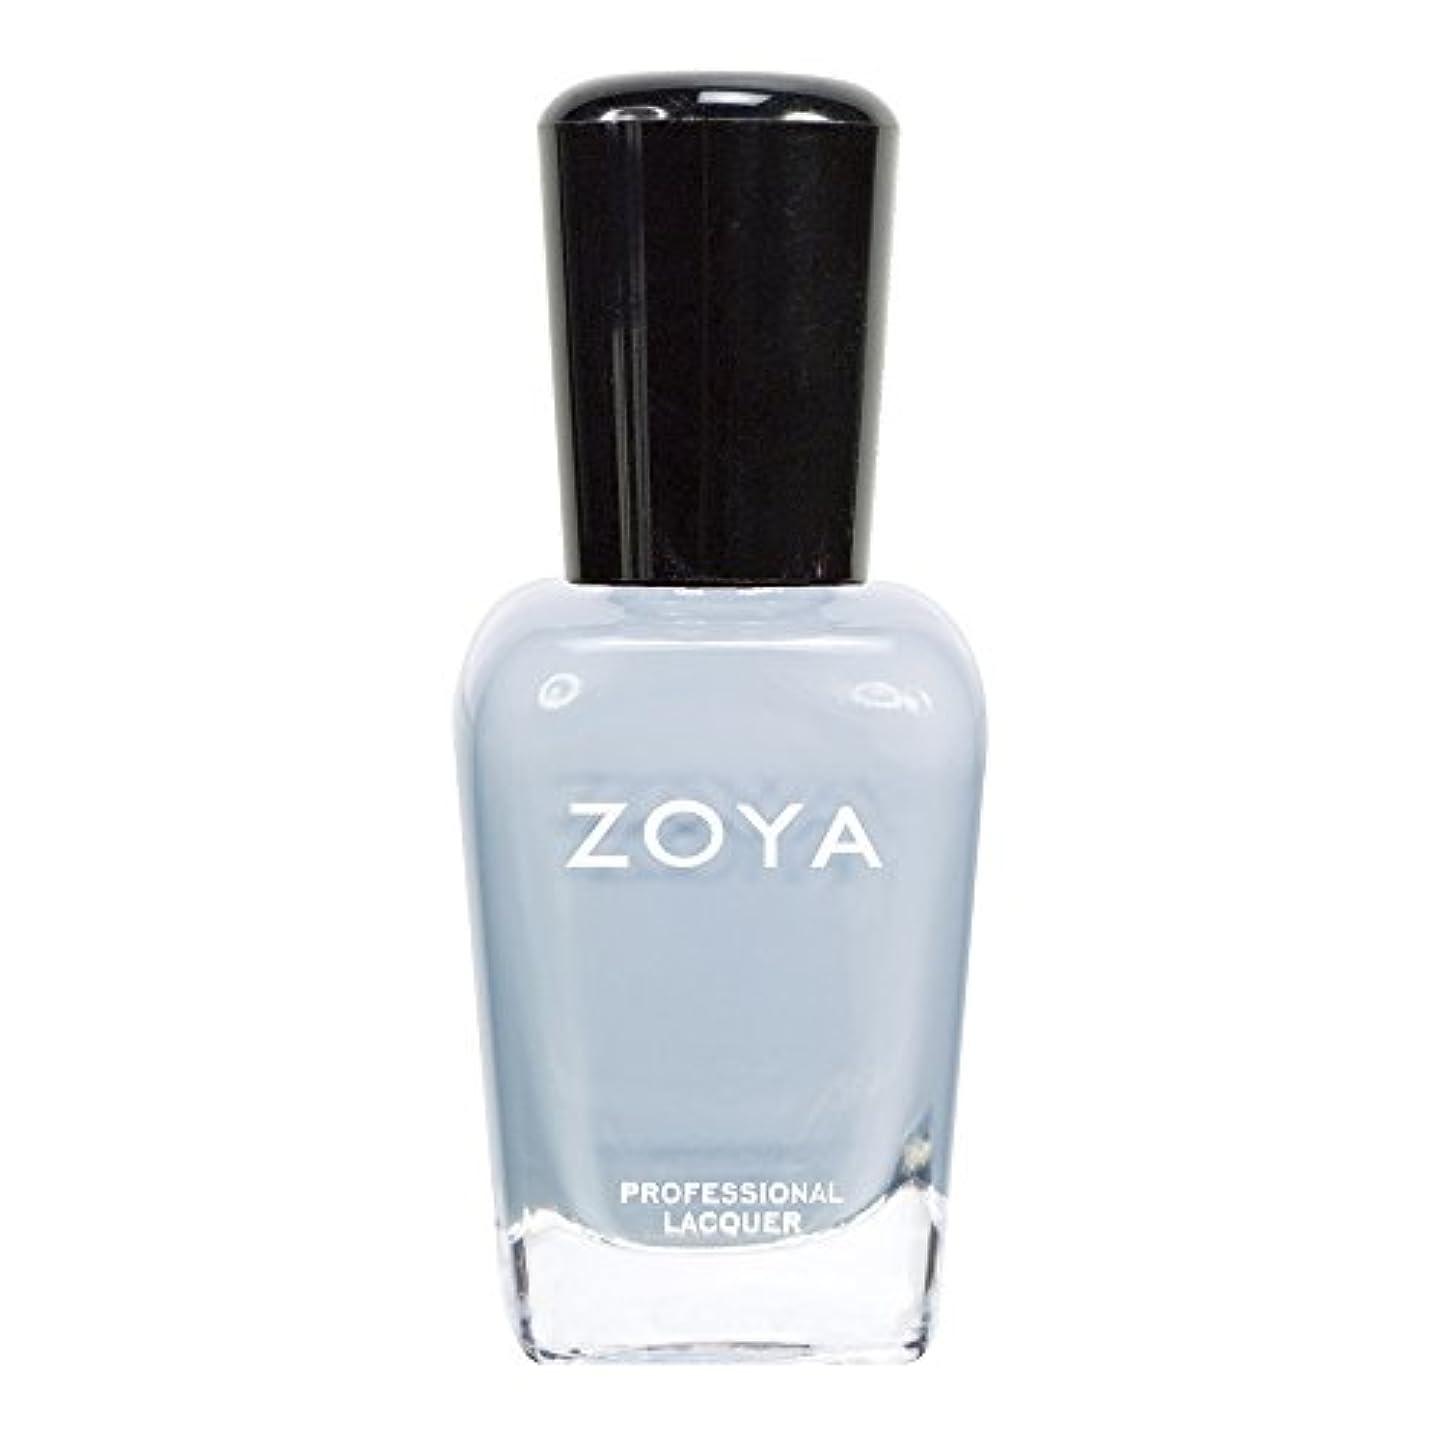 ハードリング祈り耳ZOYA ゾーヤ ネイルカラーZP591 KRISTEN クリスティン 15ml  青みがかったグレー マット/クリーム 爪にやさしいネイルラッカーマニキュア